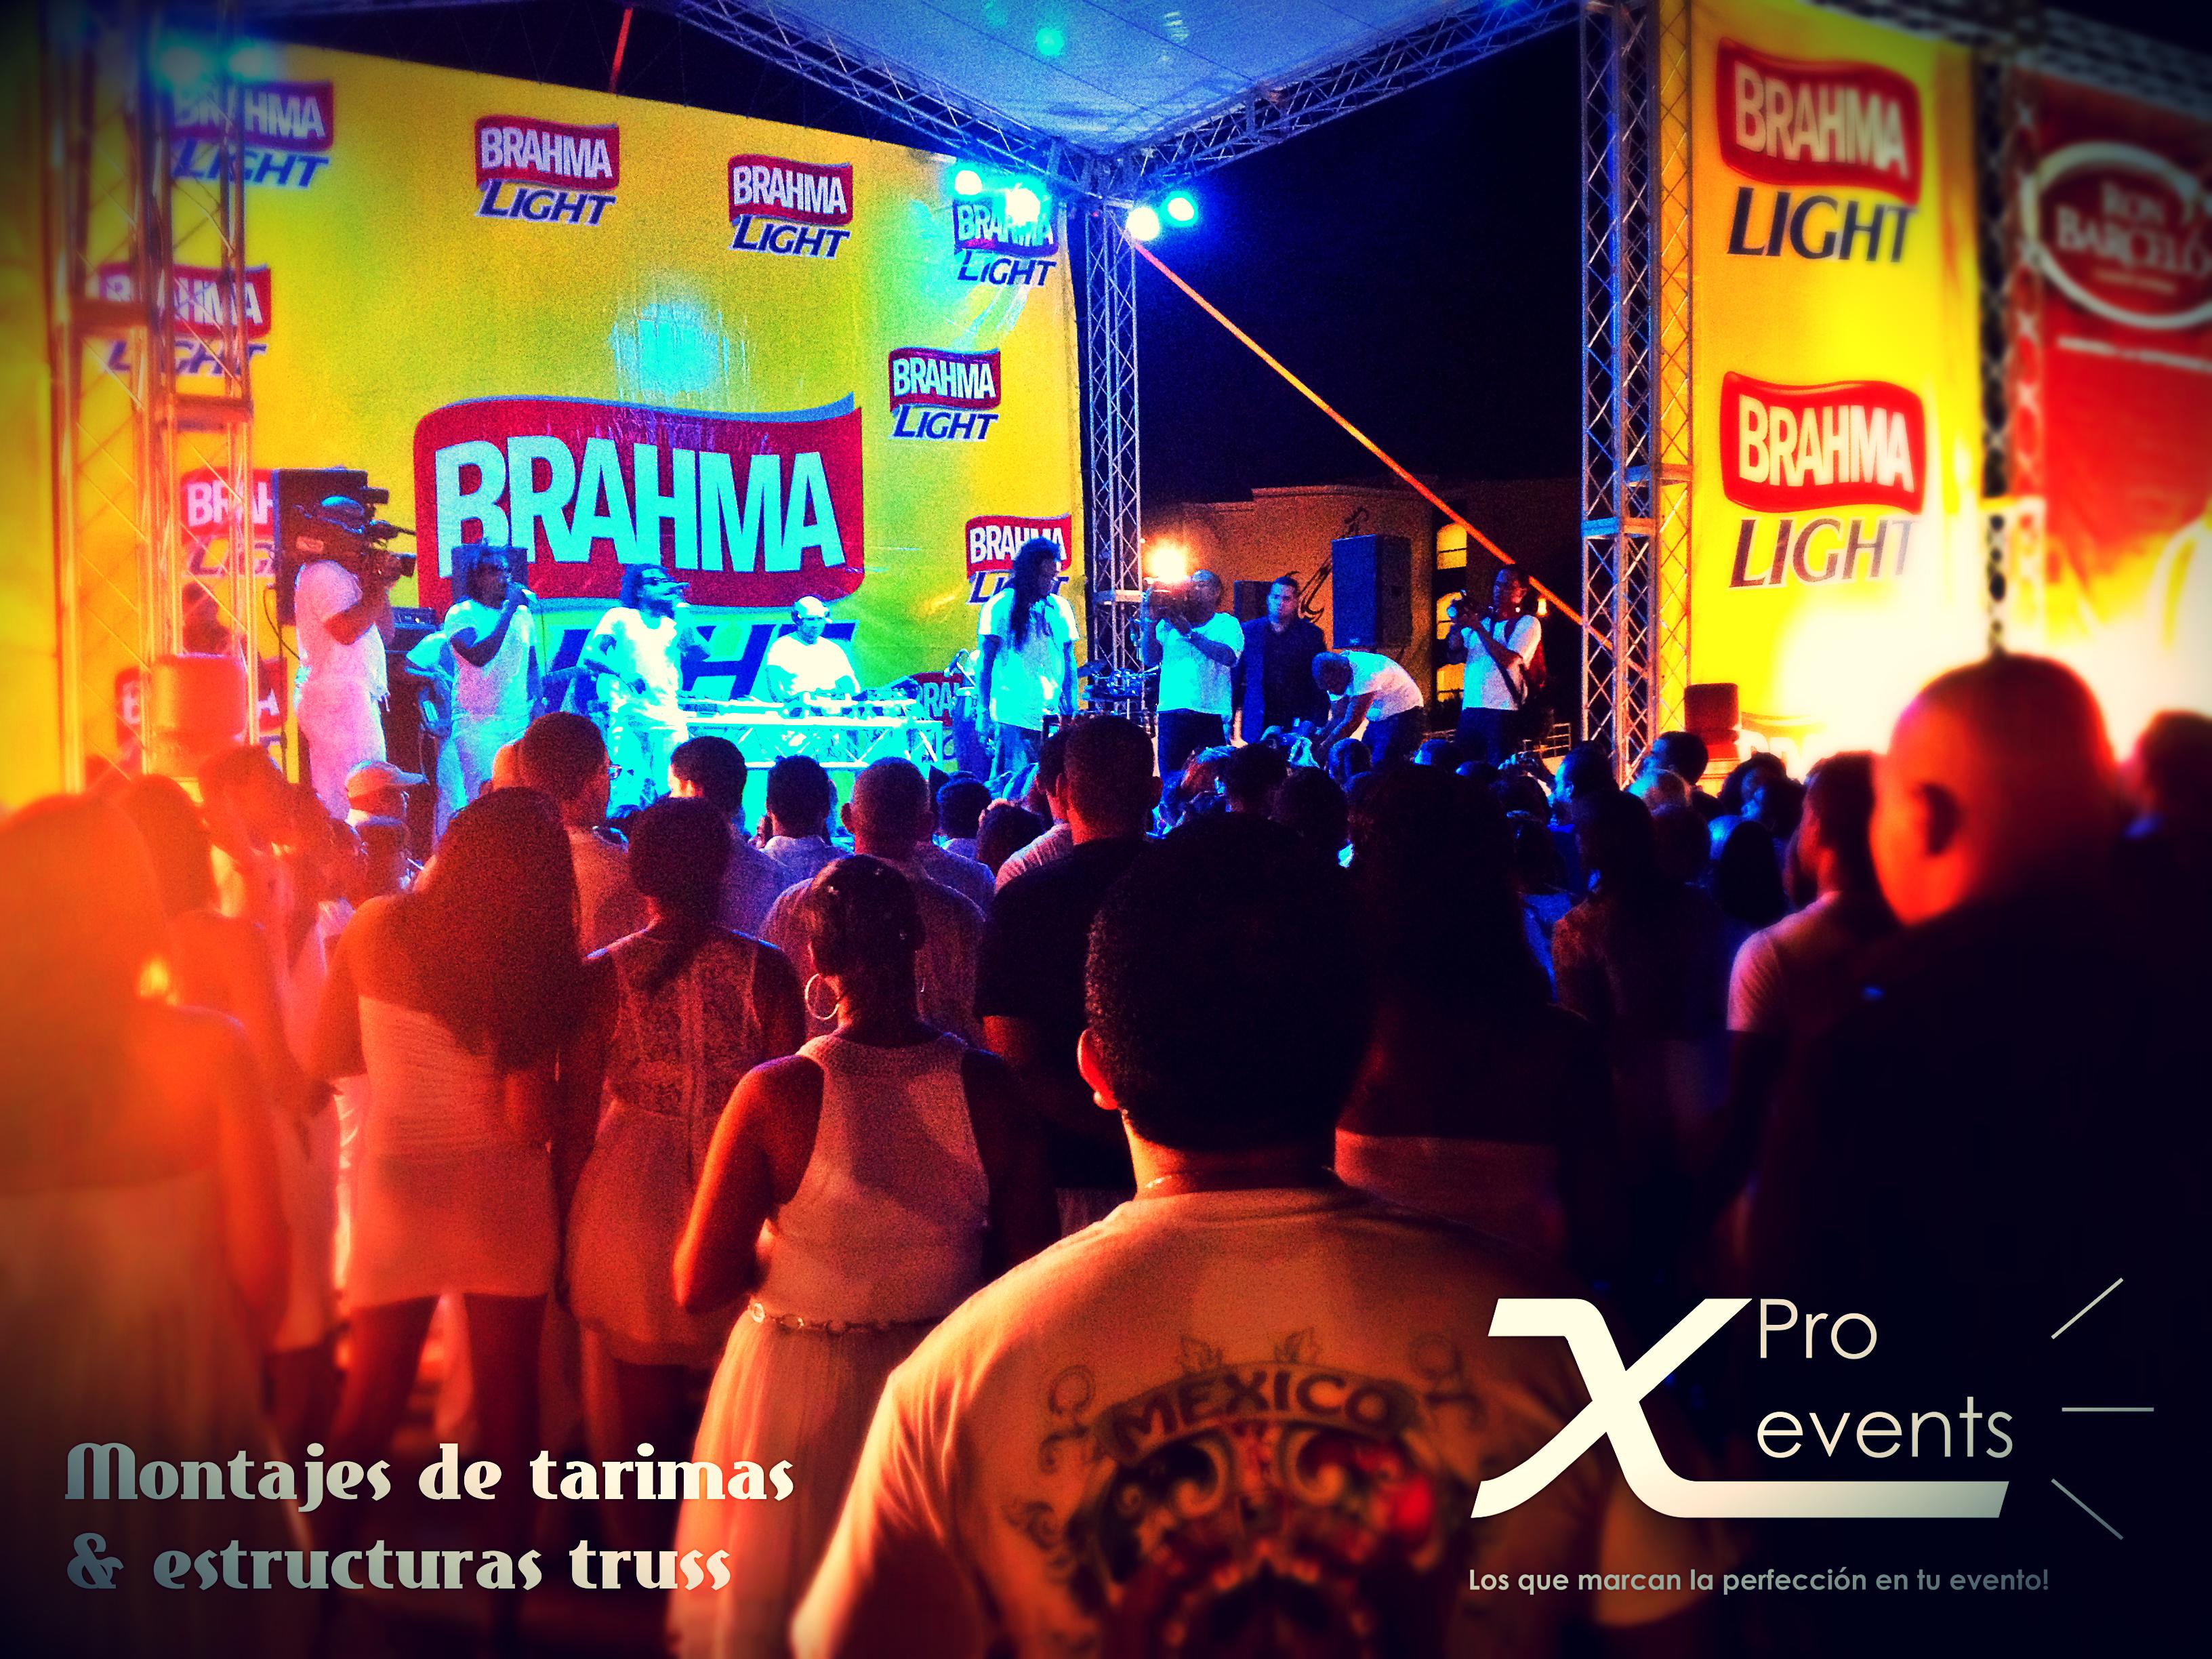 X Pro events  - 809-846-3784 - Montajes para conciertos.JPG